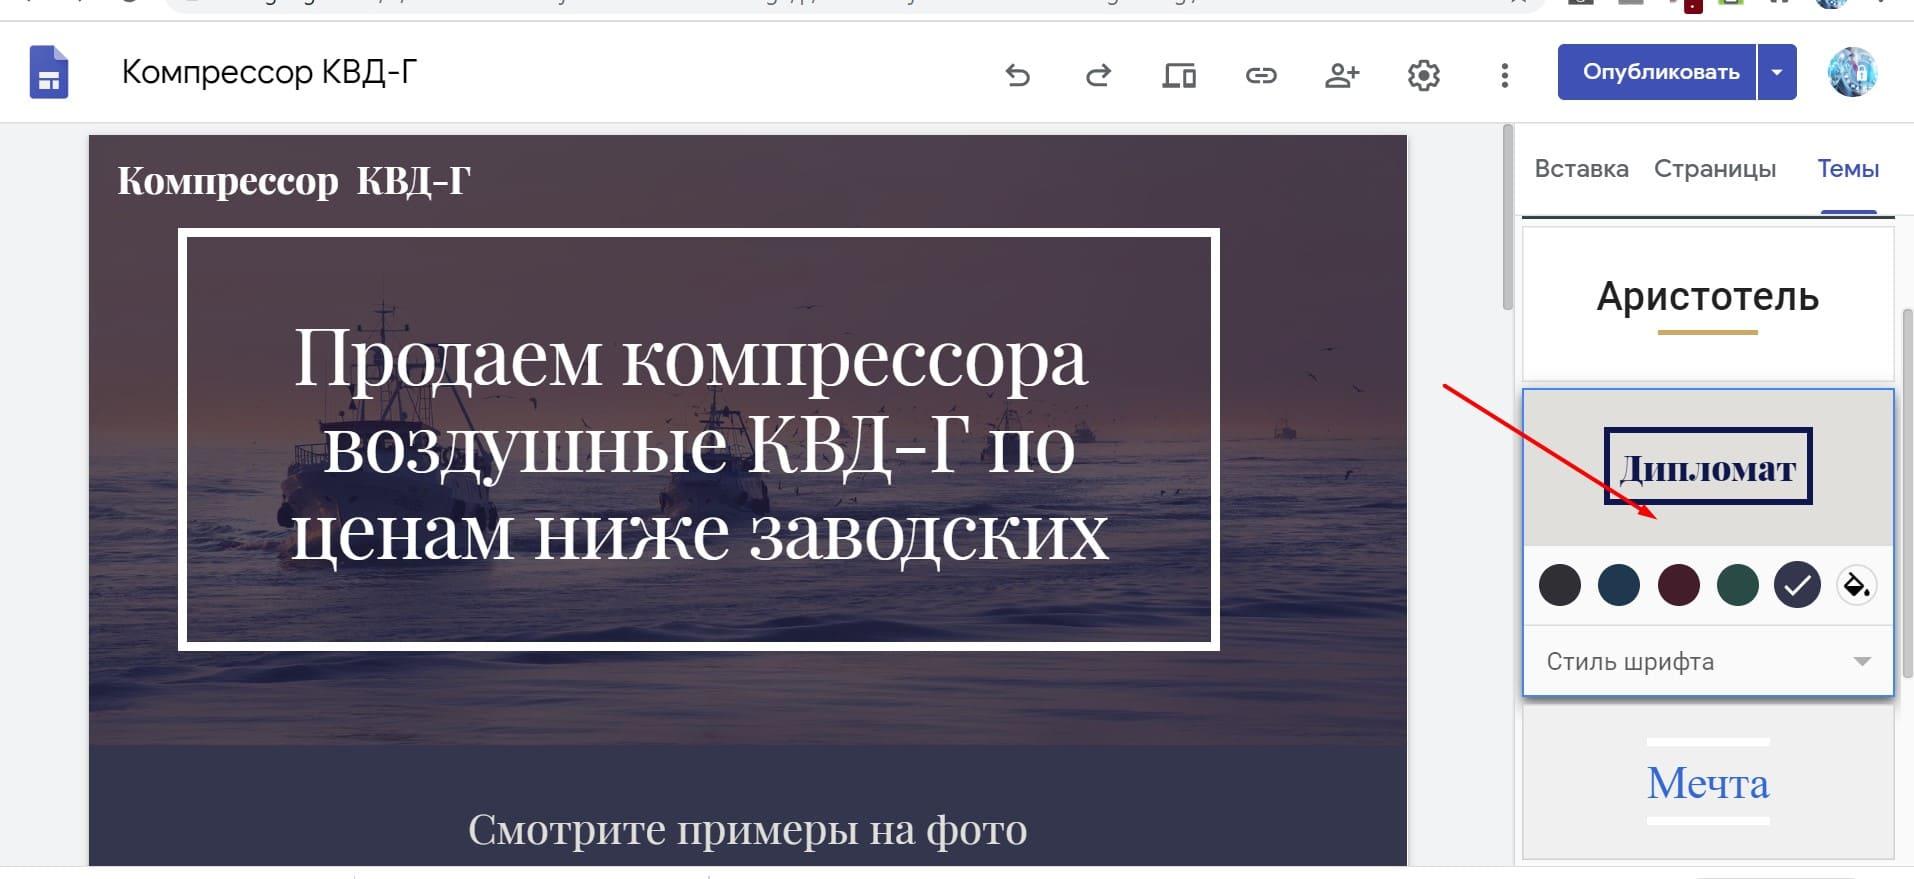 Как бесплатно самому создать одностраничный сайт